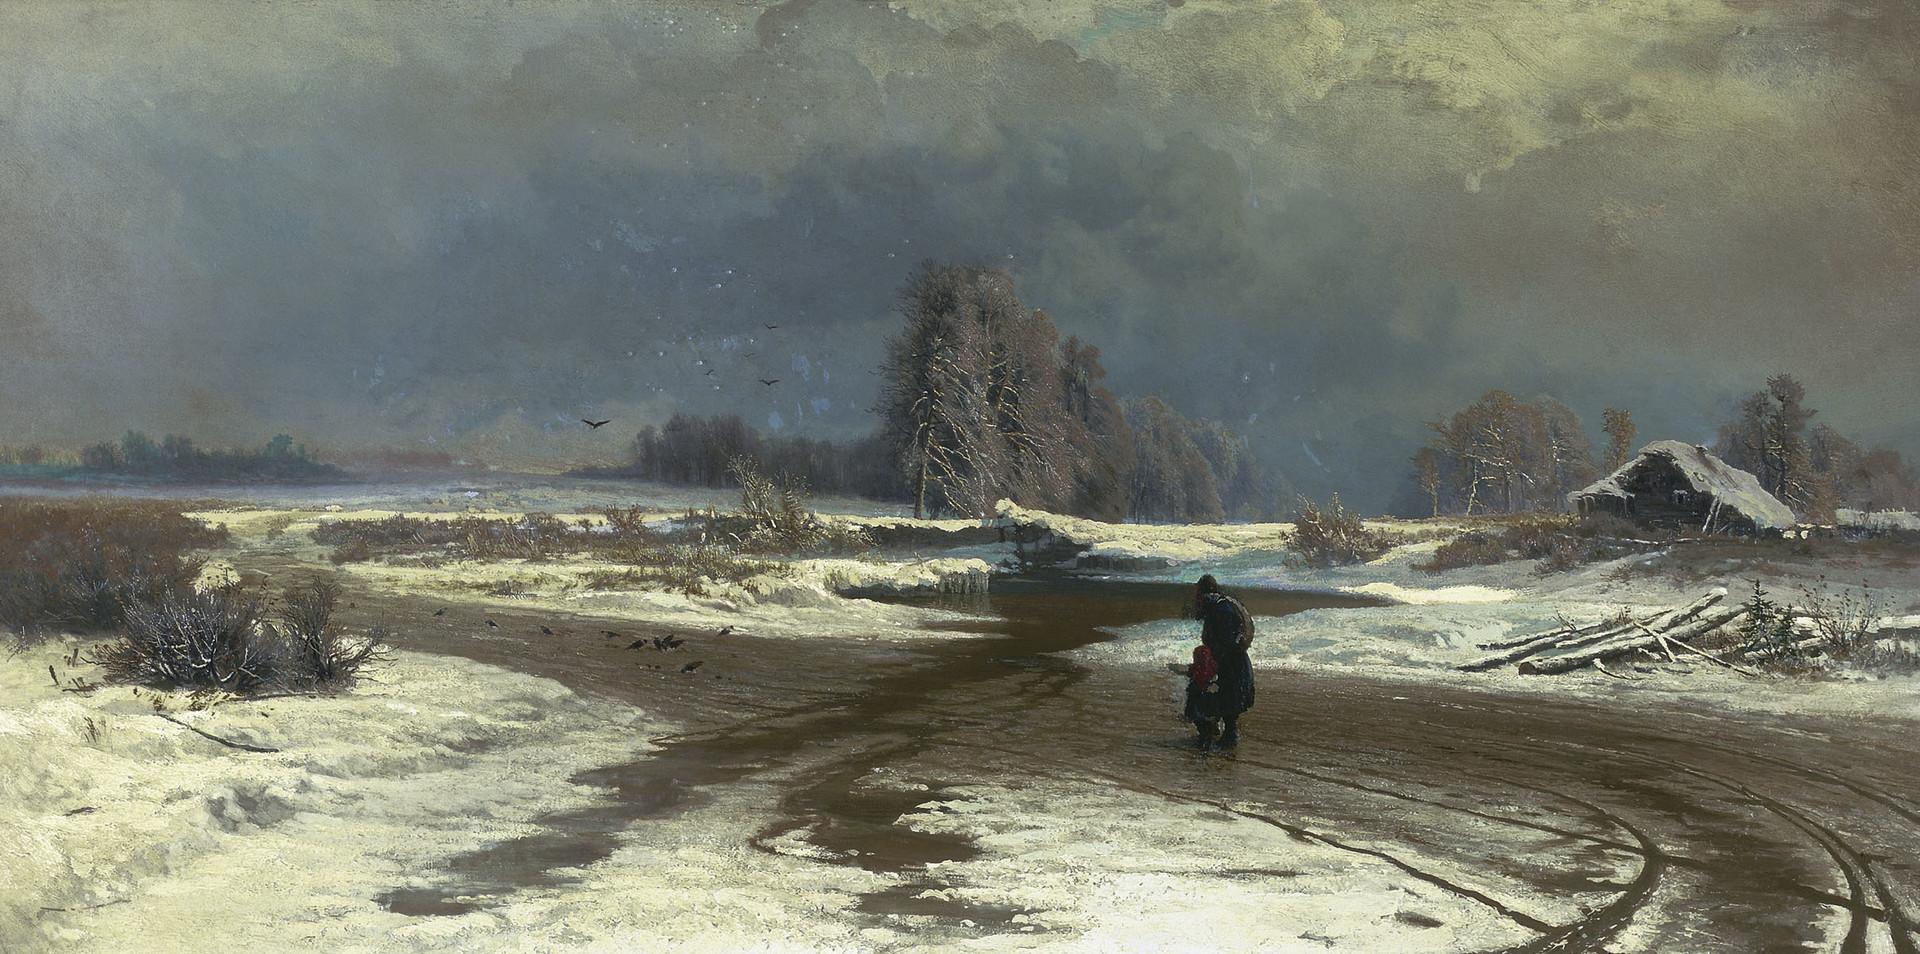 『雪解け』、フョードル・ワシーリエフ、1871年